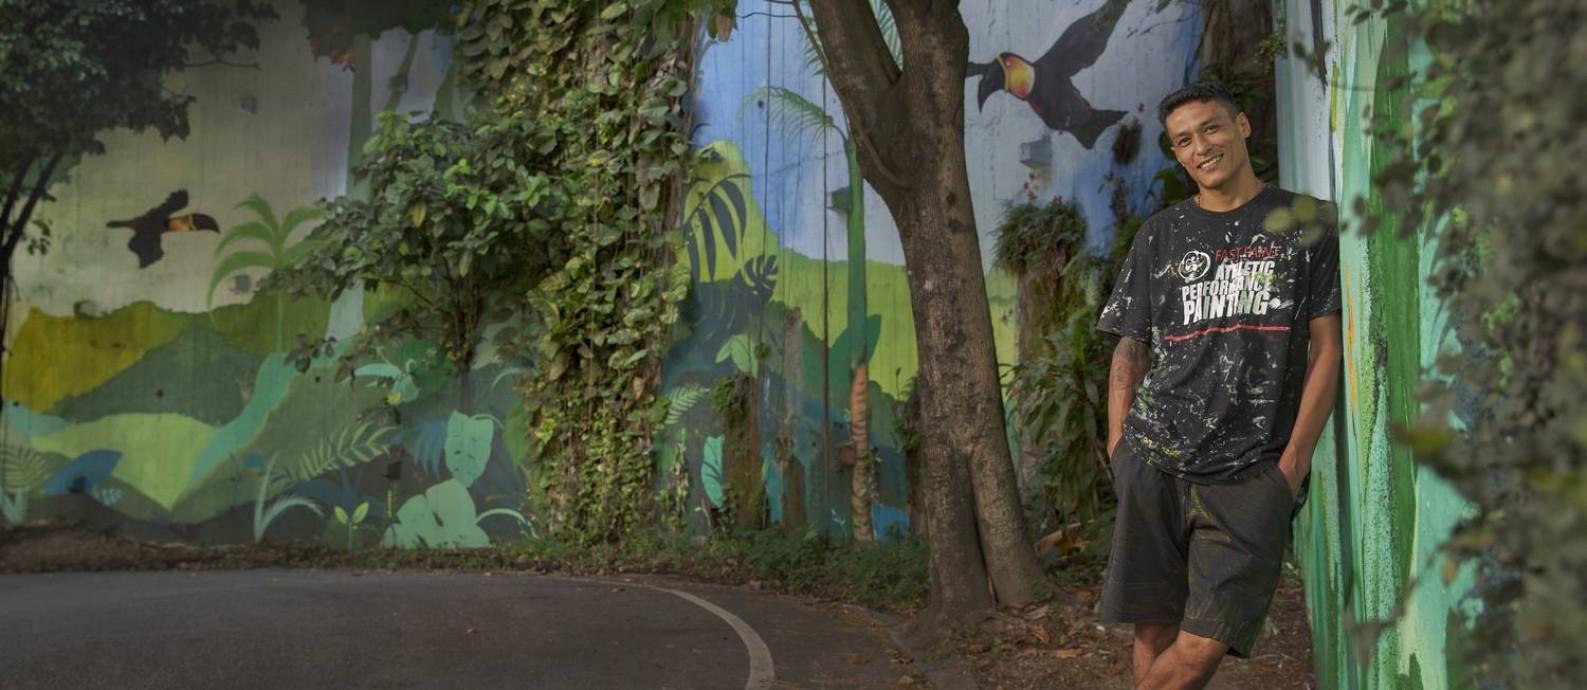 Grafiteiro Gloye faz trabalho no Rio de Janeiro Foto: O Globo